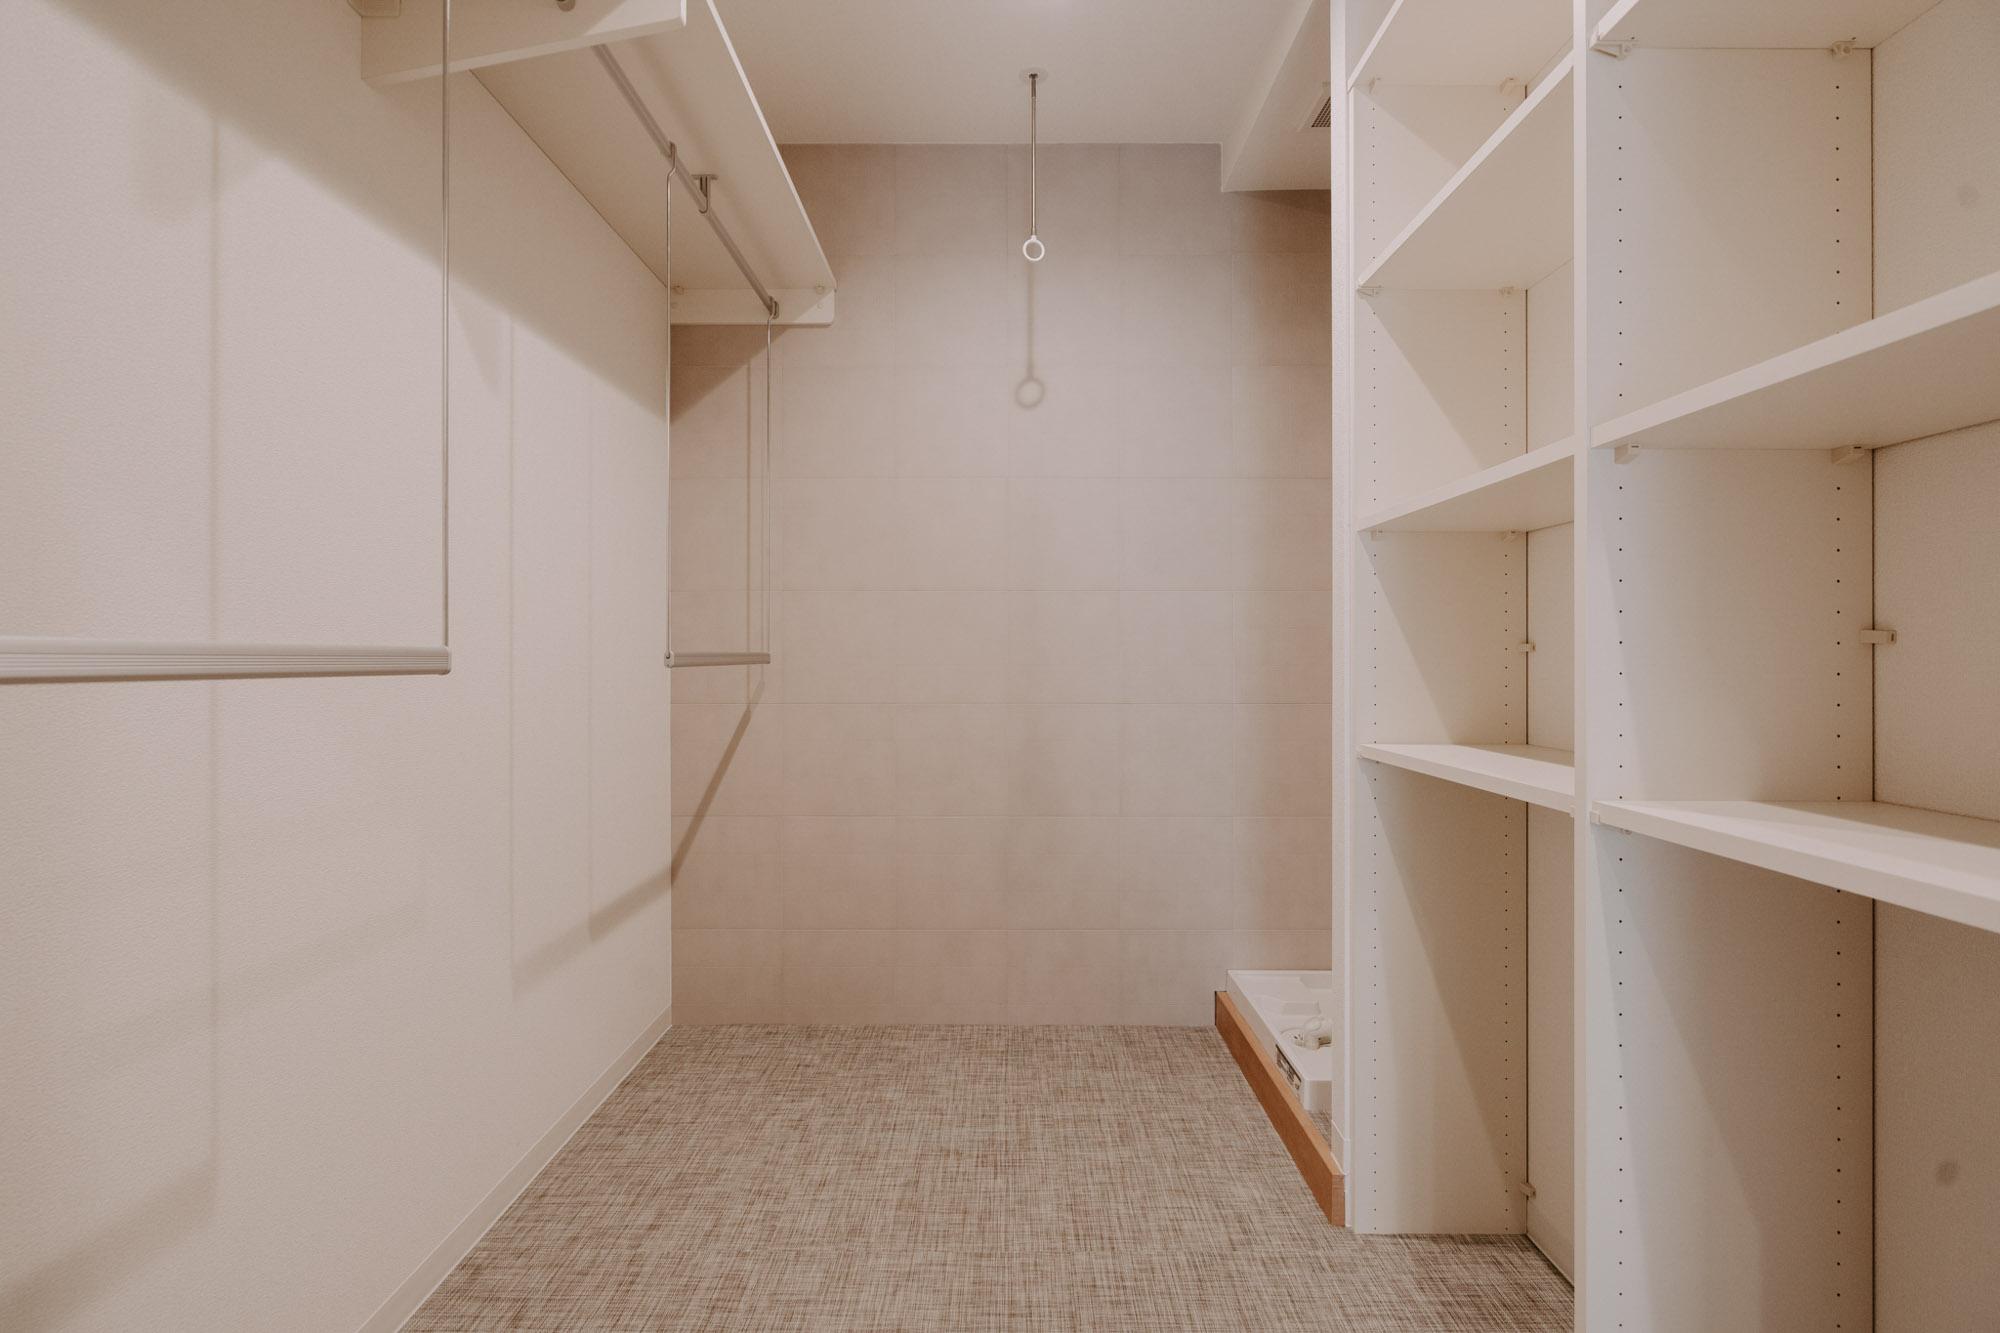 こちらのお部屋は、洗面所の向かい側にランドリーコーナーがあります。これだけ充実した収納スペースがあると、とても助かりますね。